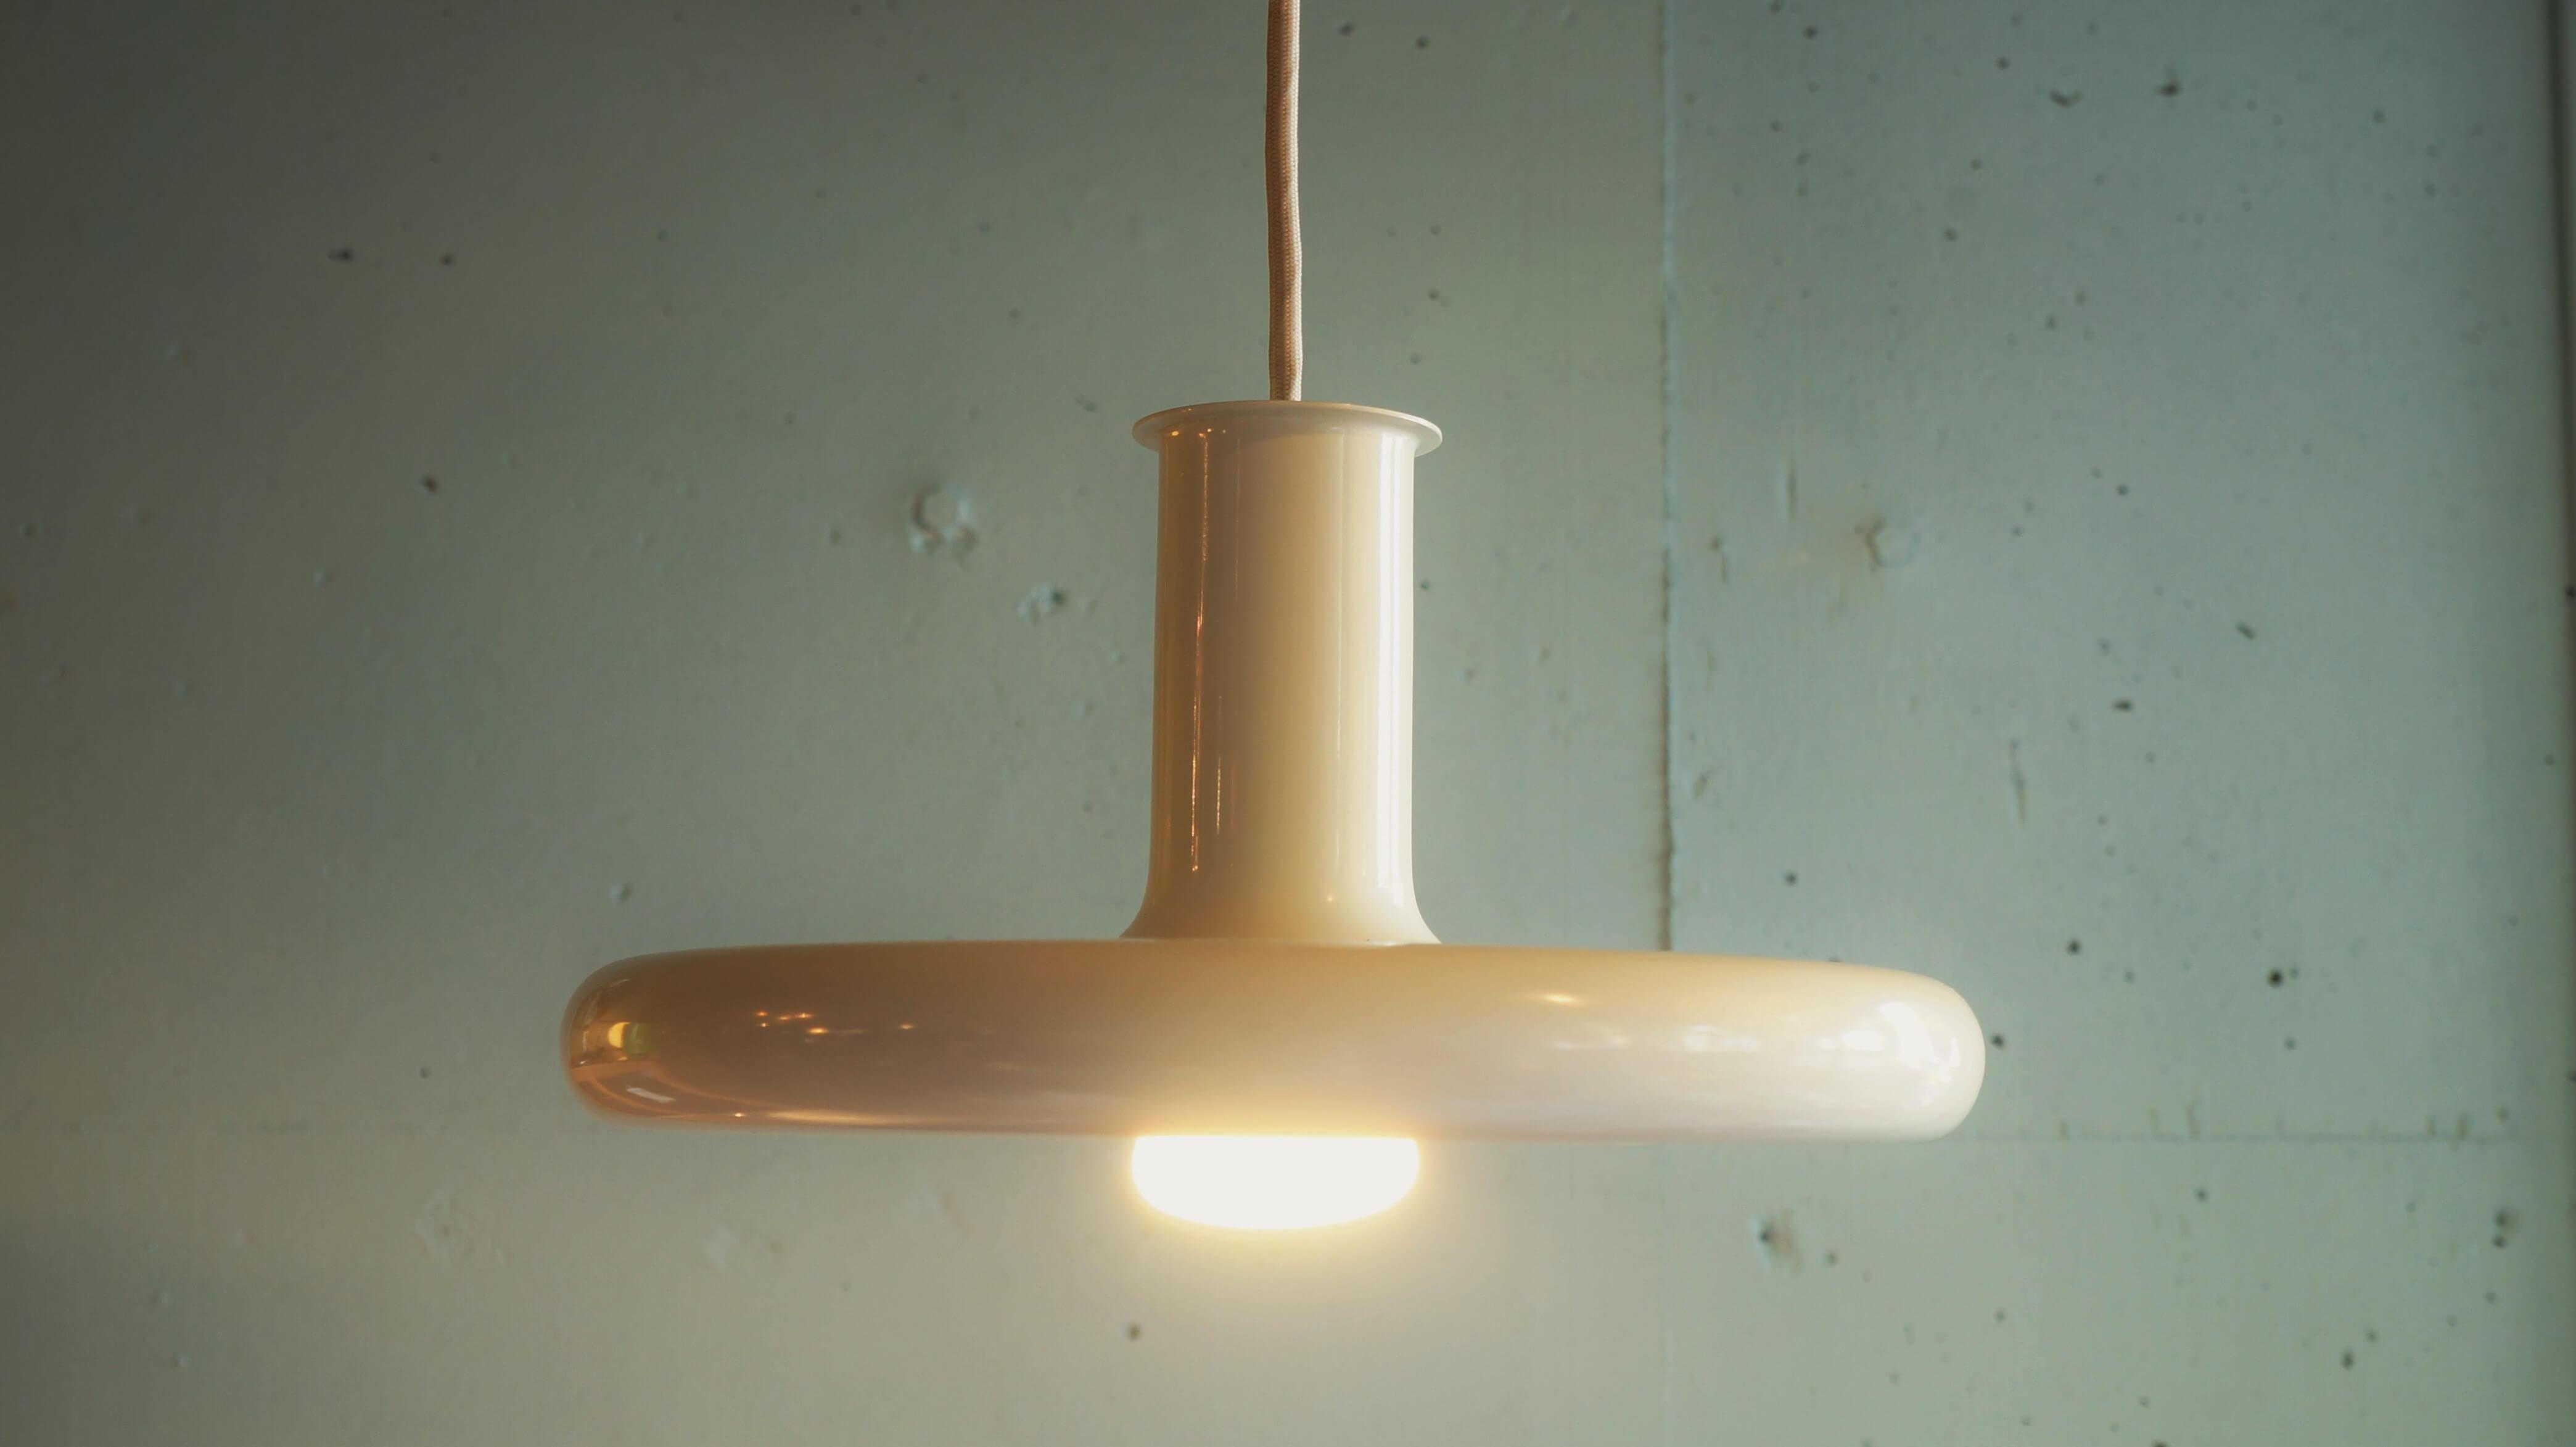 """ミッドセンチュリー北欧デザインを代表するデンマークの老舗照明メーカー、Fog&Morup/フォグ&モーフのペンダントライト""""Optima/オプティマ""""。Fog&Morup社は1904年にデンマークに設立され、1906年からコペンハーゲンを拠点に、照明メーカー、ディーラーとして活動の場を広げていきます。1960年代には、Jo Hammerborg/ヨー・ハーマボーのデザインが脚光を浴び、ルイスポールセンと並び北欧モダンデザインを牽引しました。その後、長年チーフディレクターを務めたヨー・ハーマボーの引退により、1980年にブランドは消滅してしまいました。そのため、手に入るものは全てヴィンテージ品となっています。Fog&Morup社はヨー・ハーマボーのデザインが有名ですが、こちらのHans Due/ハンス・デューデザインのト""""Optima/オプティマ""""もブランドのイメージを決定づけた名作と言われています。ハンス・デューはデンマーク出身の工業デザイナー、写真家です。 1974年に自身の会社Due Design A / Sを設立し、多くの広告会社や デザイン会社でアートディレクションとグラフィックデザインを担当しました。こちらの""""オプティマ""""は1973年に発表され、現在でも同氏の代表作として知られています。円盤のようなフォルムですっきりとした無駄のないデザイン。当時は同じデンマーク出身のデザイナー、ヴェルナー・パントンなどのプロダクトデザインにも見られるような、スペースエイジやアトミックエイジと言われた近未来的、宇宙的なデザインが人気を博していました。この""""オプティマ""""もそんな雰囲気が漂う、70年代特有のユニークなデザインとなっています。シェードはアルミでできており、白くペイントされています。場所を選ばない、シンプルでコンパクトなサイズ感。どんな空間にも合わせやすく、さりげなく北欧の空気を演出してくれるようなランプを ぜひいかがでしょうか♪~【東京都杉並区阿佐ヶ谷北アンティークショップ 古一/ZACK高円寺店】 古一/ふるいちでは出張無料買取も行っております。杉並区周辺はもちろん、世田谷区・目黒区・武蔵野市・新宿区等の東京近郊のお見積もりも!ビンテージ家具・インテリア雑貨・ランプ・USED品・ リサイクルなら古一/フルイチへ~"""